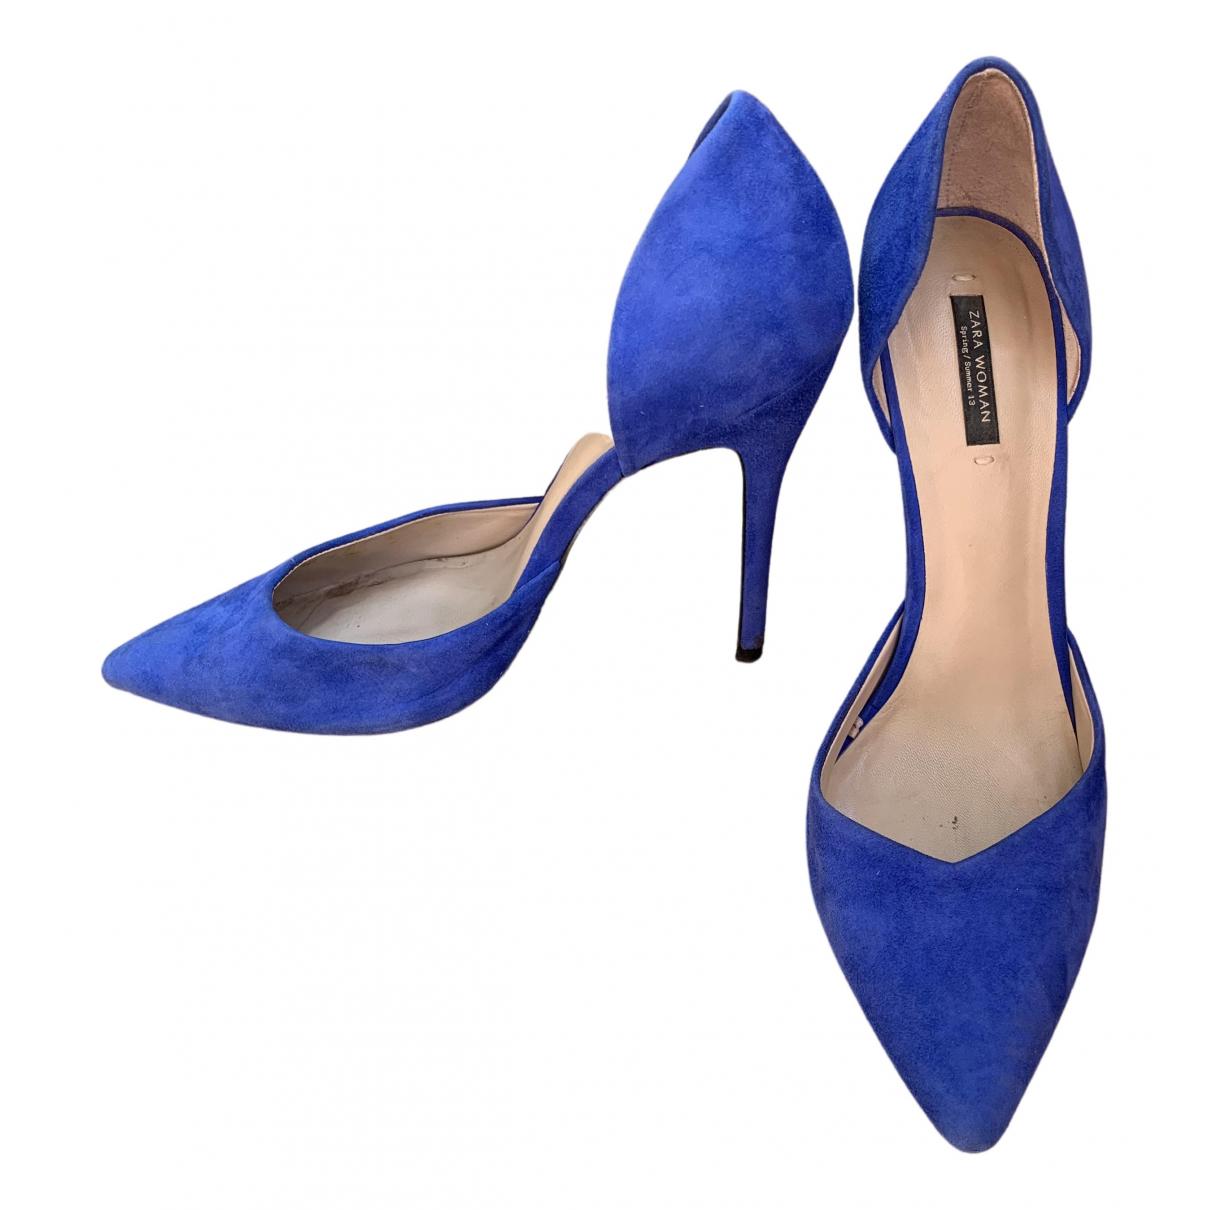 Zara \N Pumps in  Blau Leder